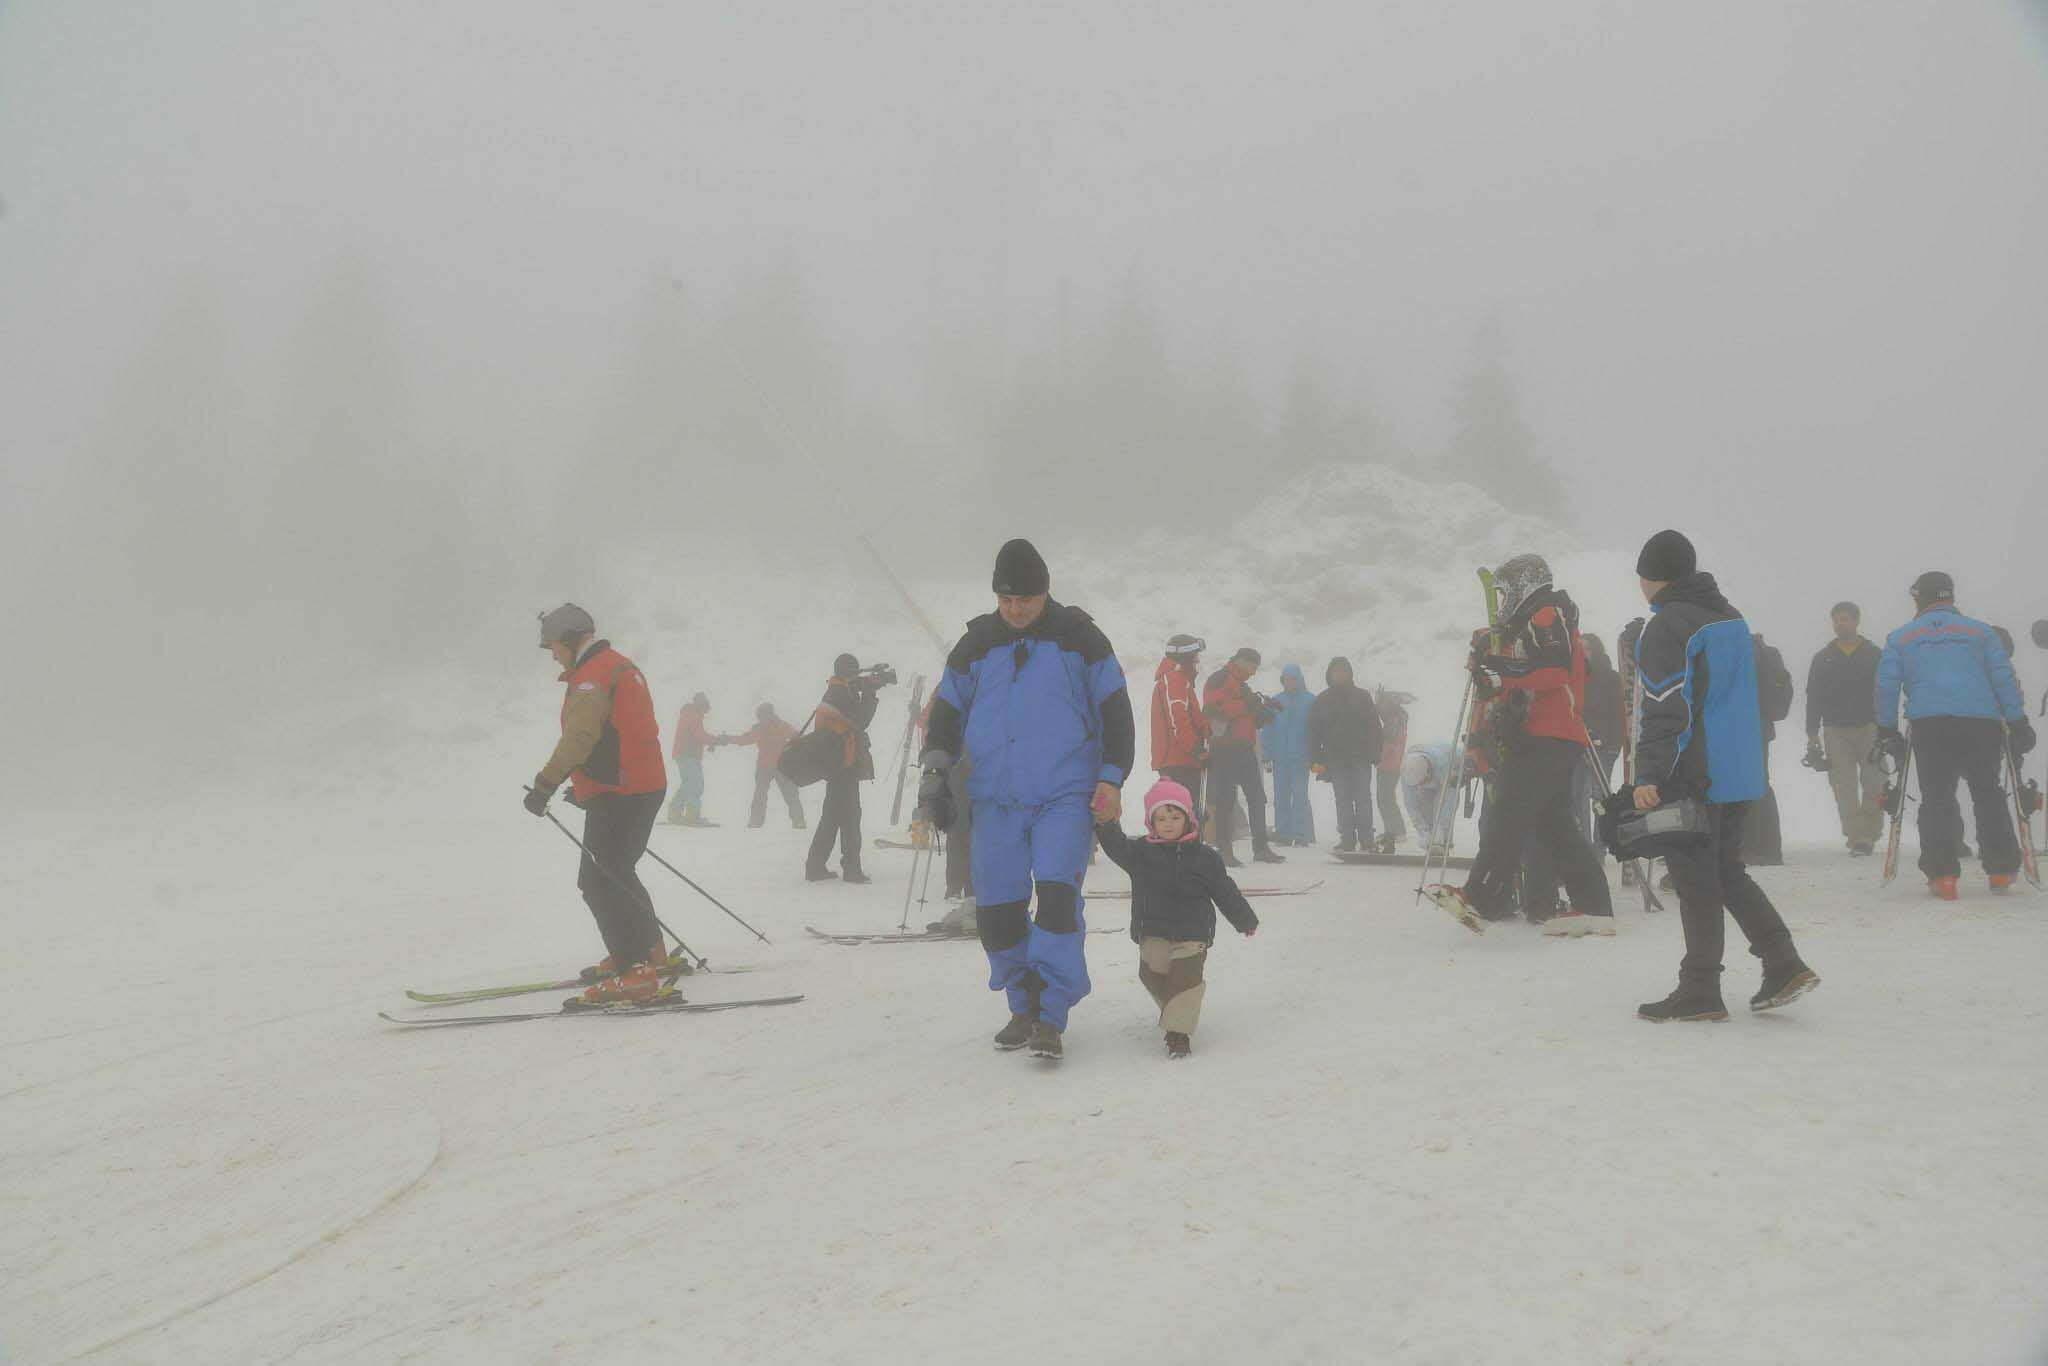 Fotogalerie: 80.000 de metri cubi de apă, transformaţi în zăpadă artificială, pentru ca în Poiana Braşov să se poată schia